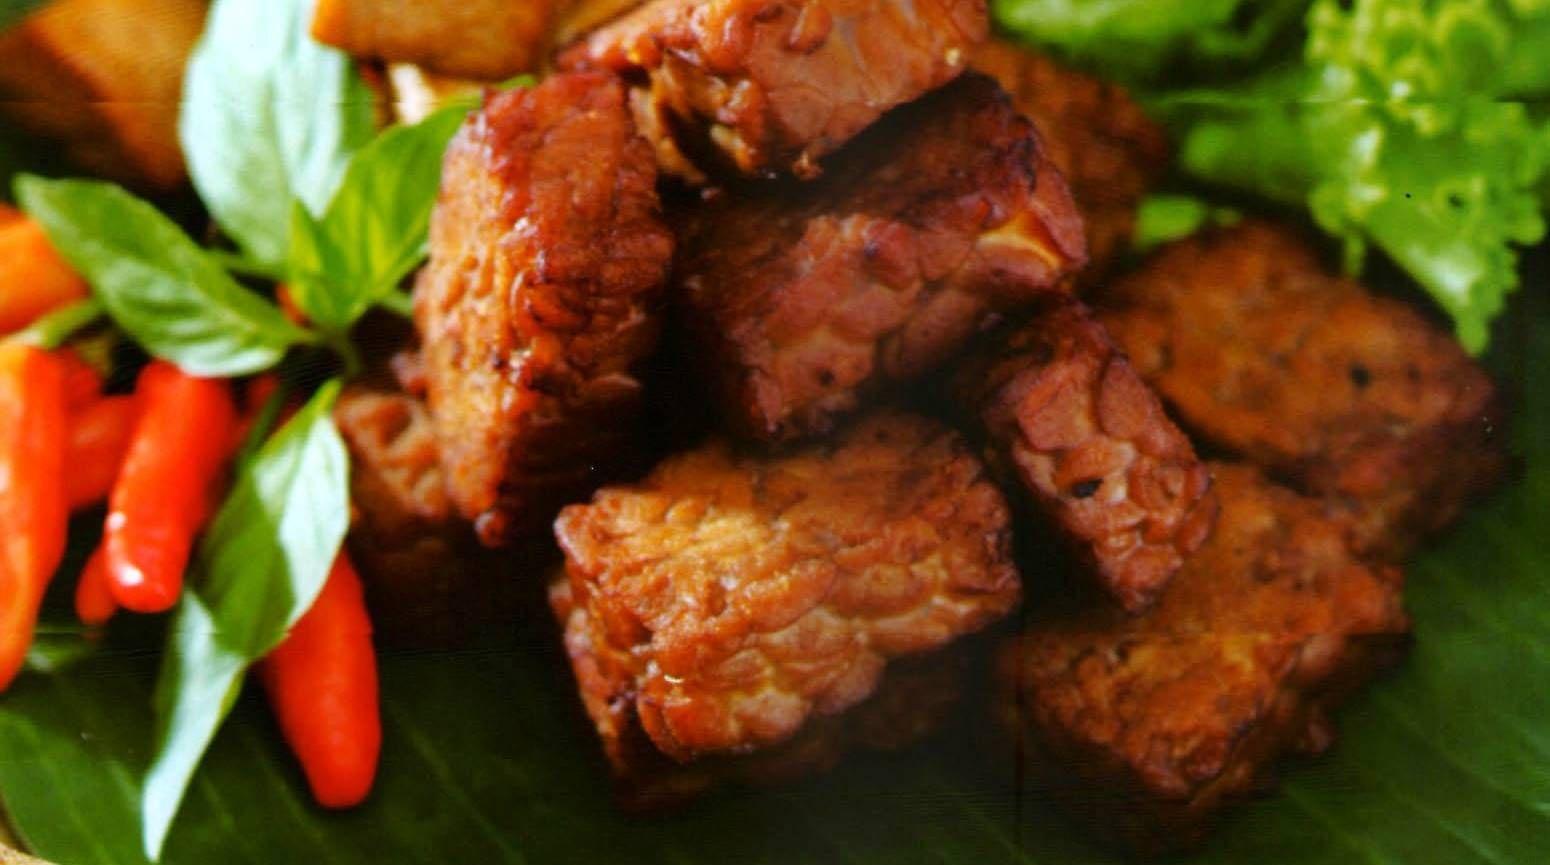 Cara Membuat Tempe Bacem Lembut dan Enak | Masakan indonesia, Masakan, Resep